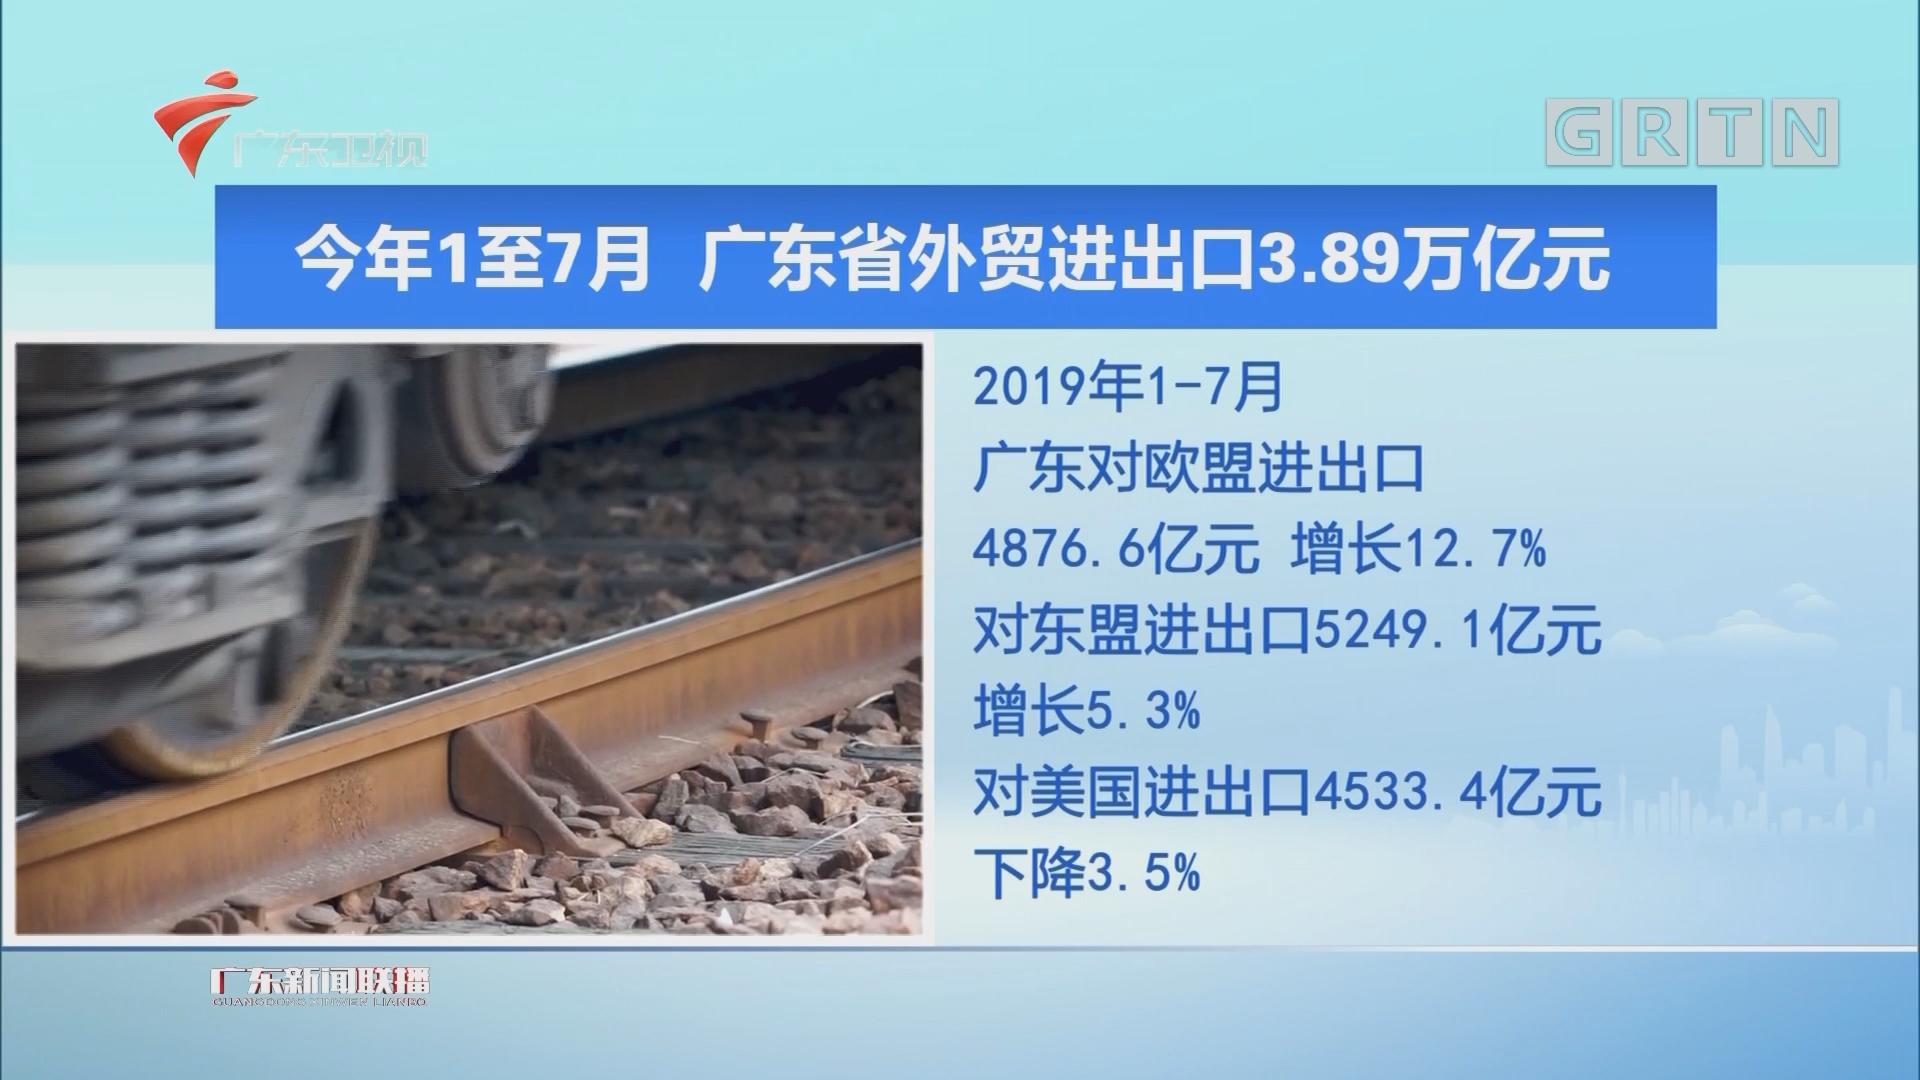 今年1至7月 广东省外贸进出口3.89万亿元